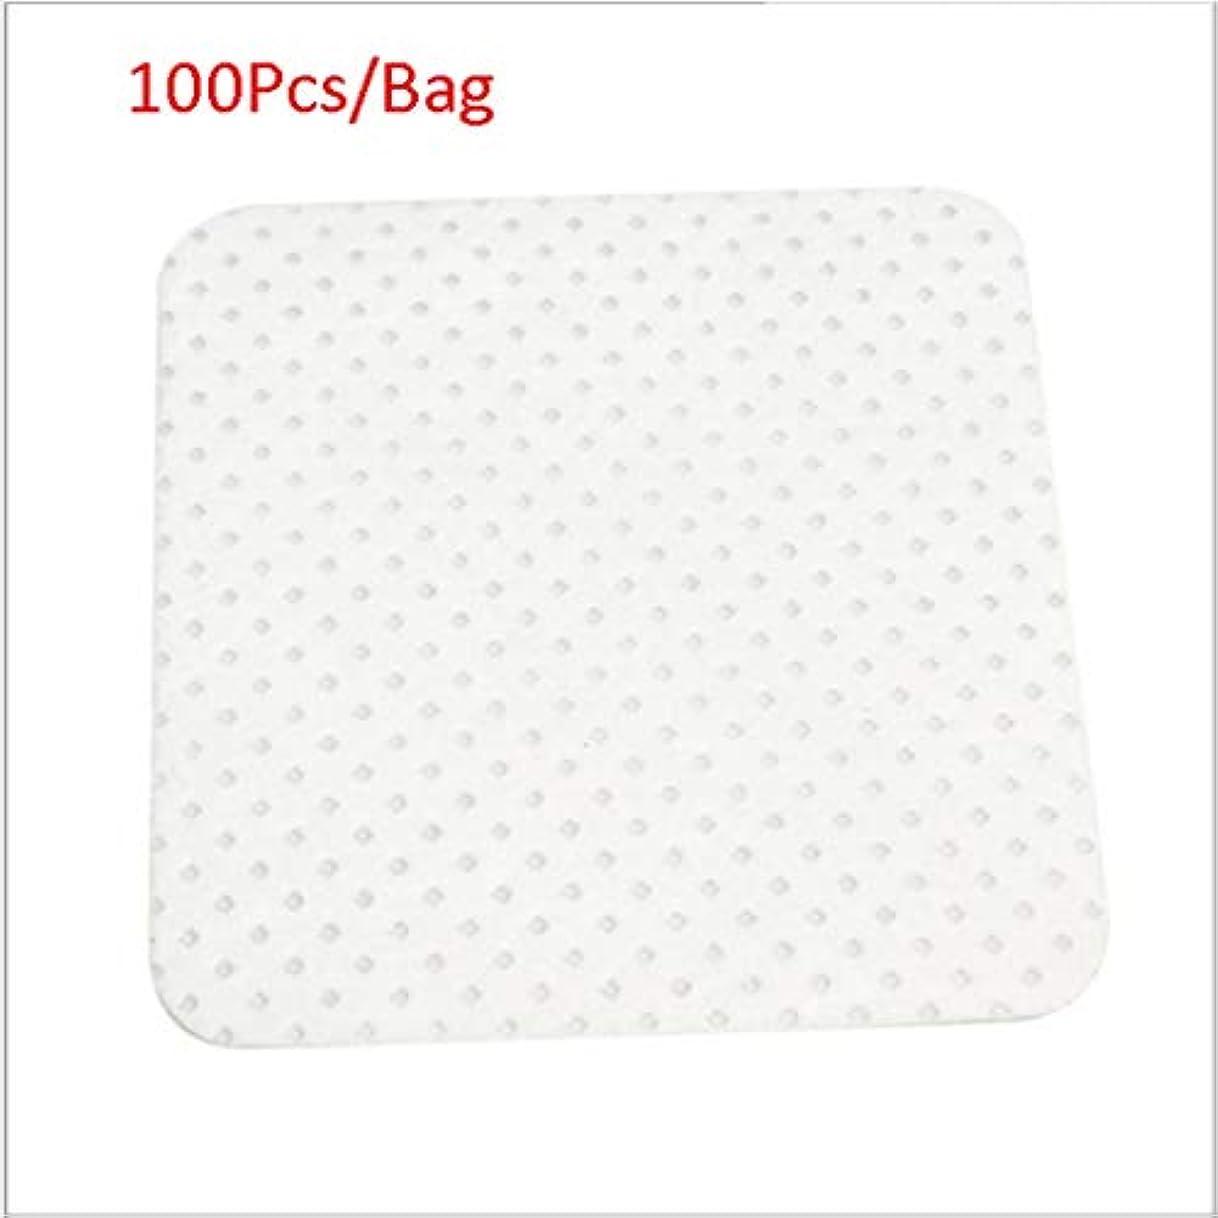 配偶者詳細な機転クレンジングシート 100ピース/バッグ使い捨てまつげエクステンションのり取りコットンパッドボトル口拭きパッチメイク化粧品クリーニングツール (Color : White, サイズ : 5*5cm)